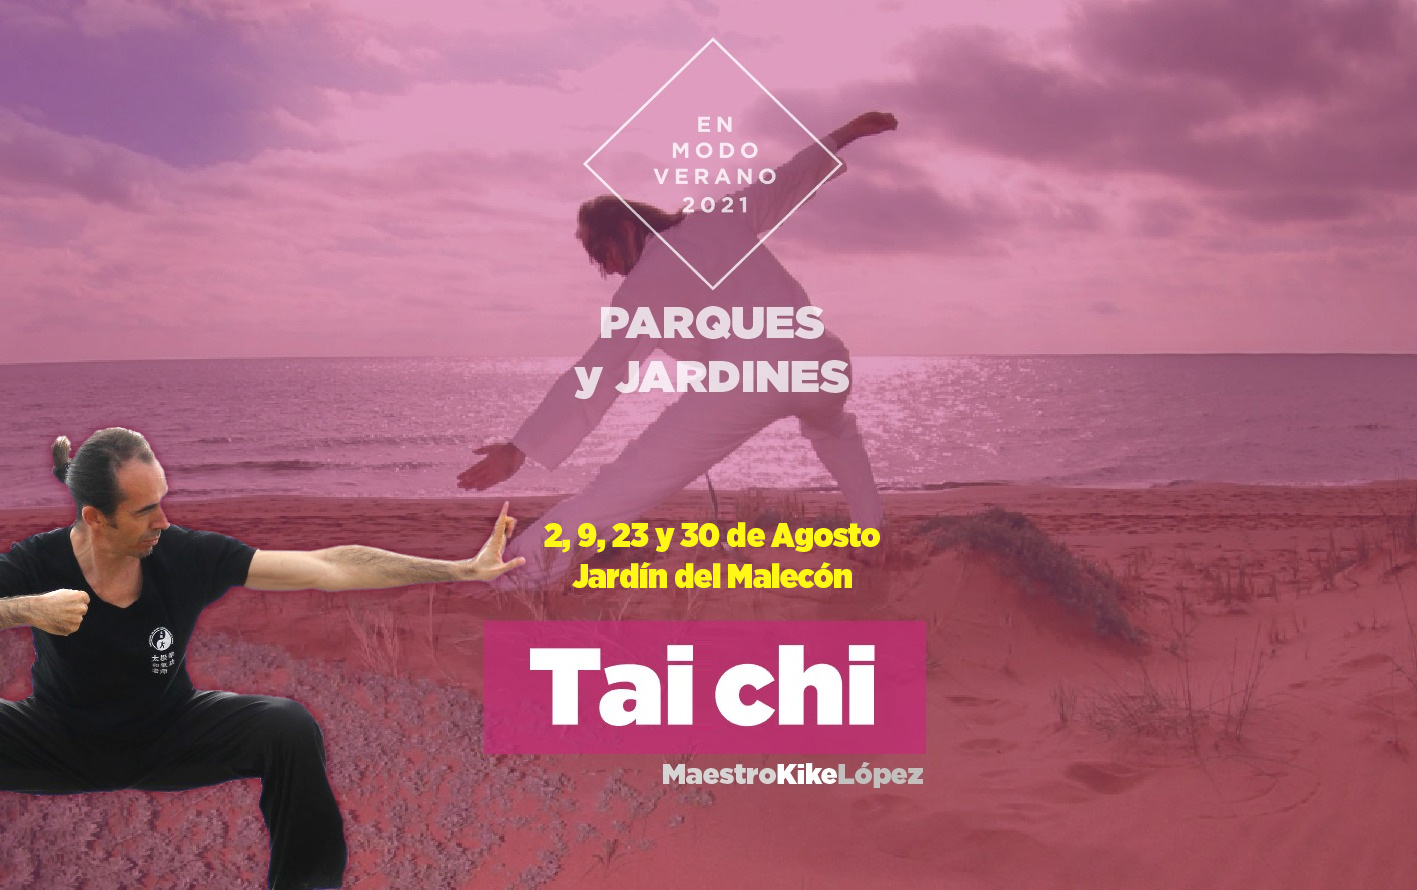 Taller de Tai Chi. 2, 9, 23 y 30 de Agosto. Jardín del Malecón